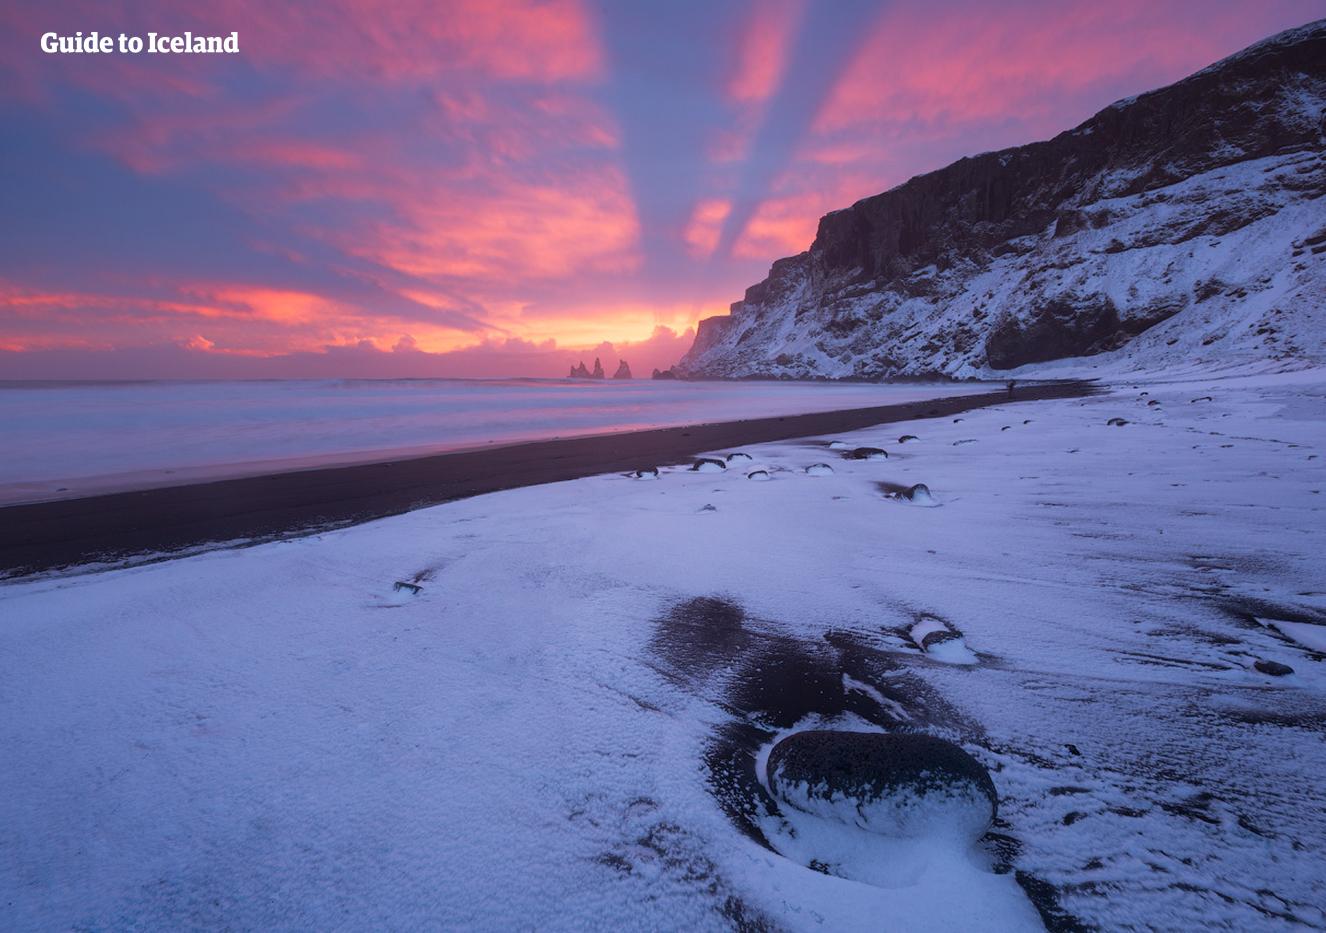 冬のブラックサンドビーチ、別名レイニスファラの風景